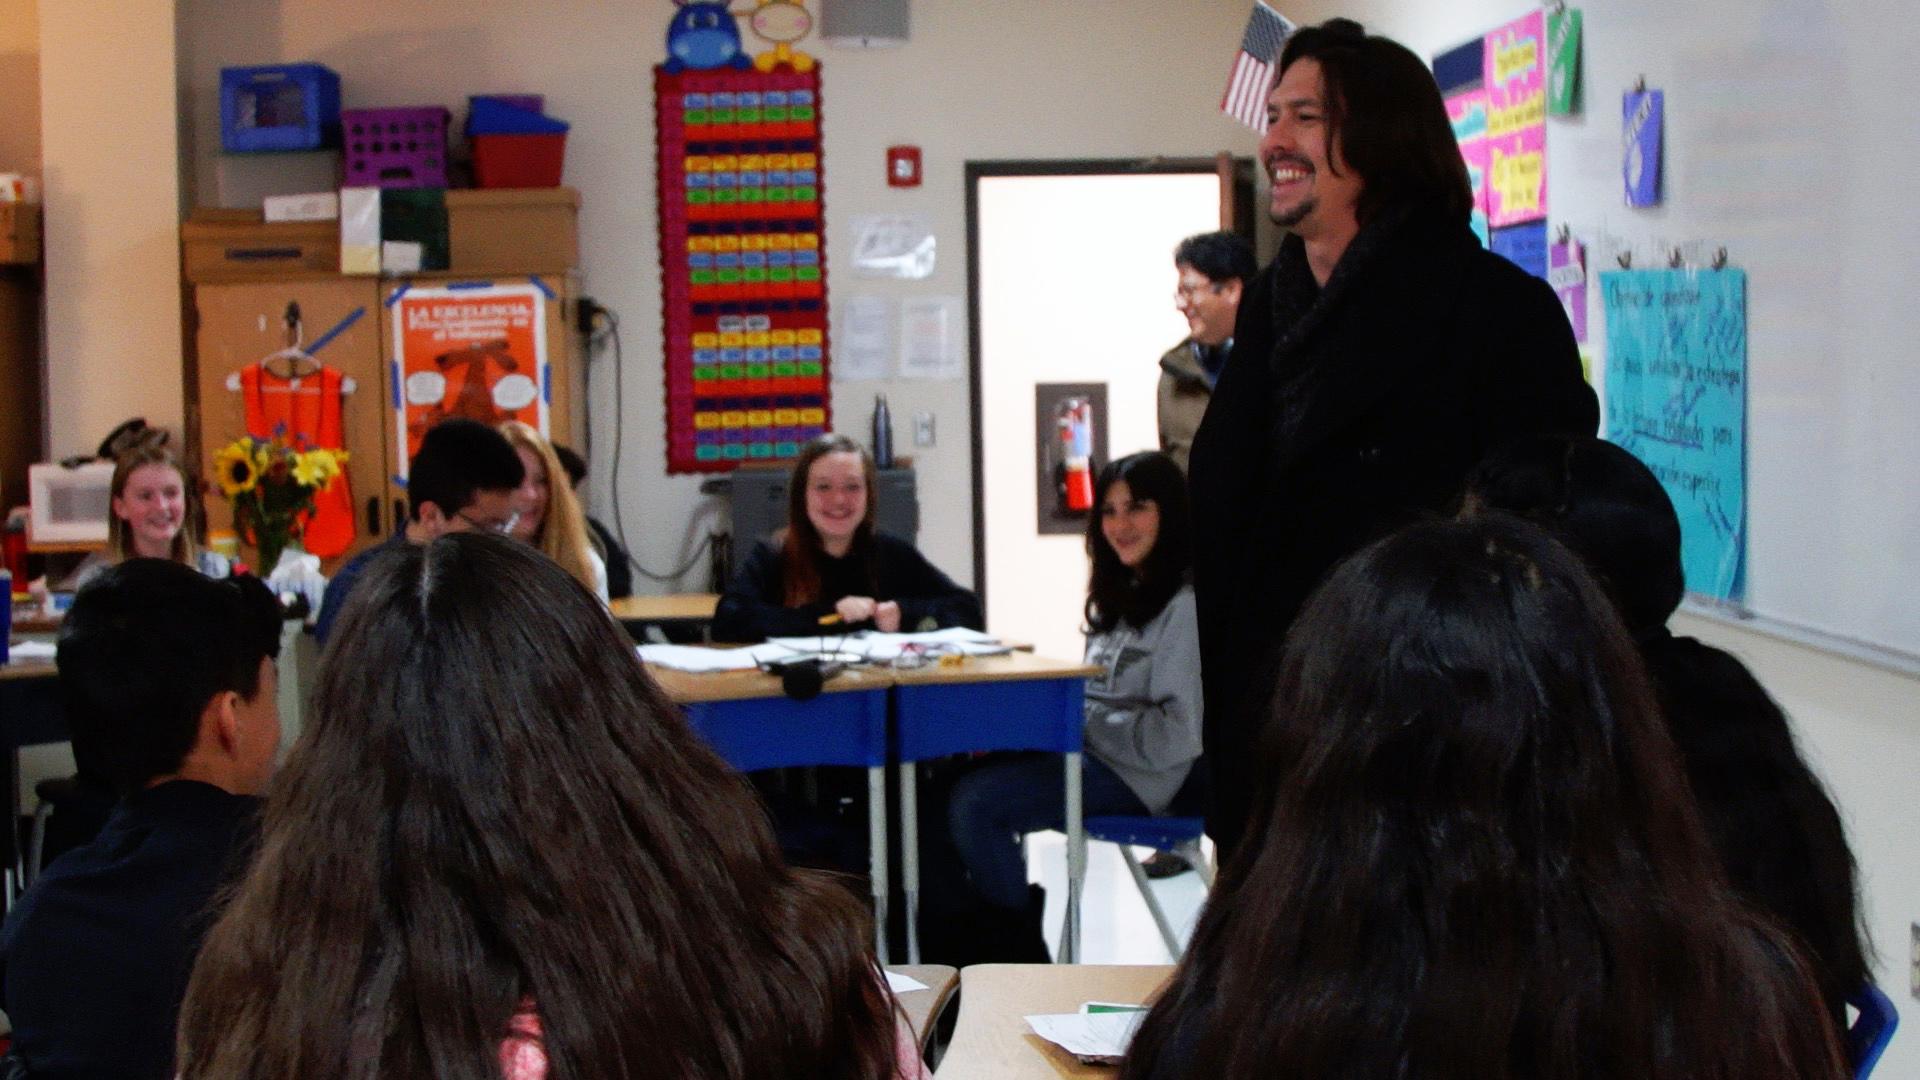 El equipo de '¿Hablas español?' interactúa con estudiantes de colegio bilingüe de Nuevo México.